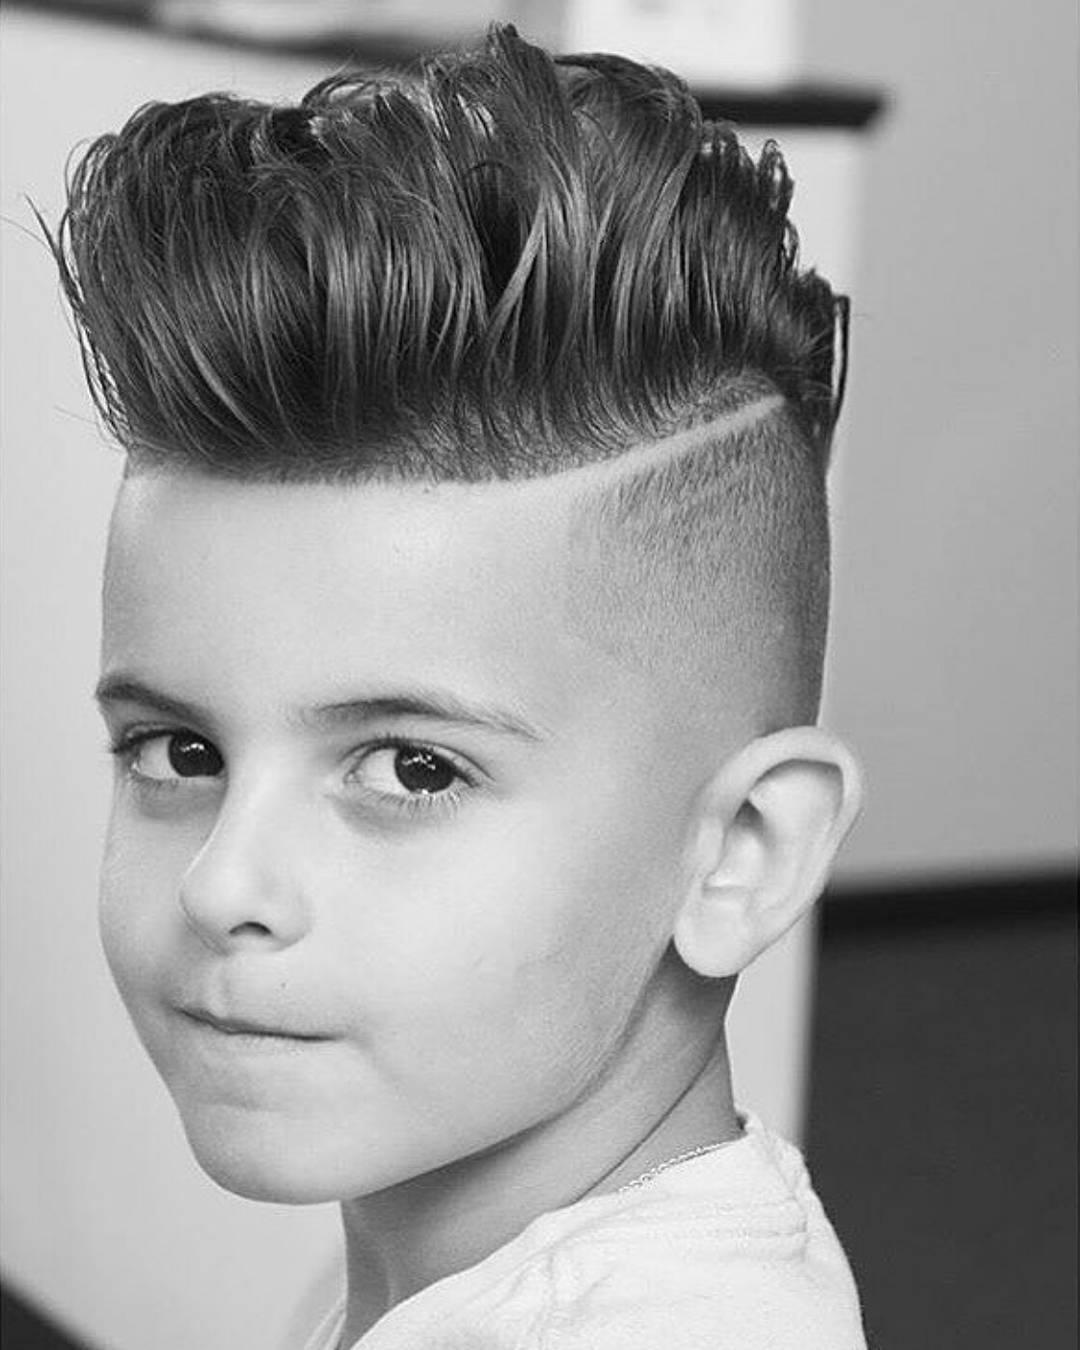 Nice Hair Cut For Boys 1080x1350 Wallpaper Teahub Io